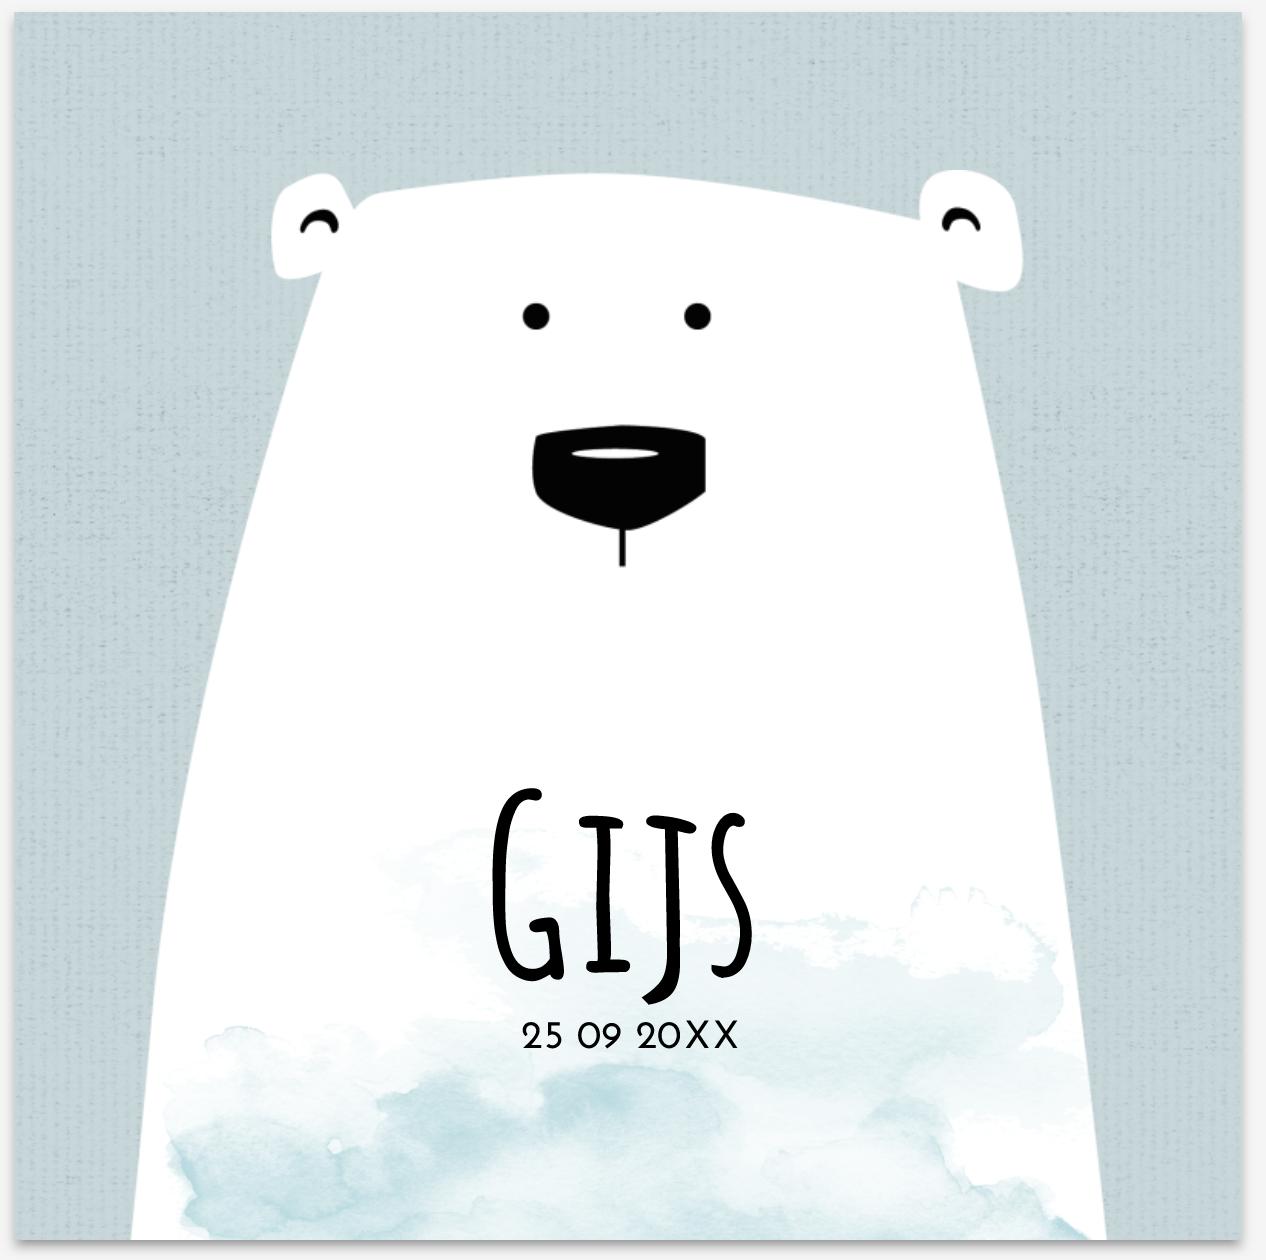 Lief geboortekaartje met ijsbeer van JilleJille.nl